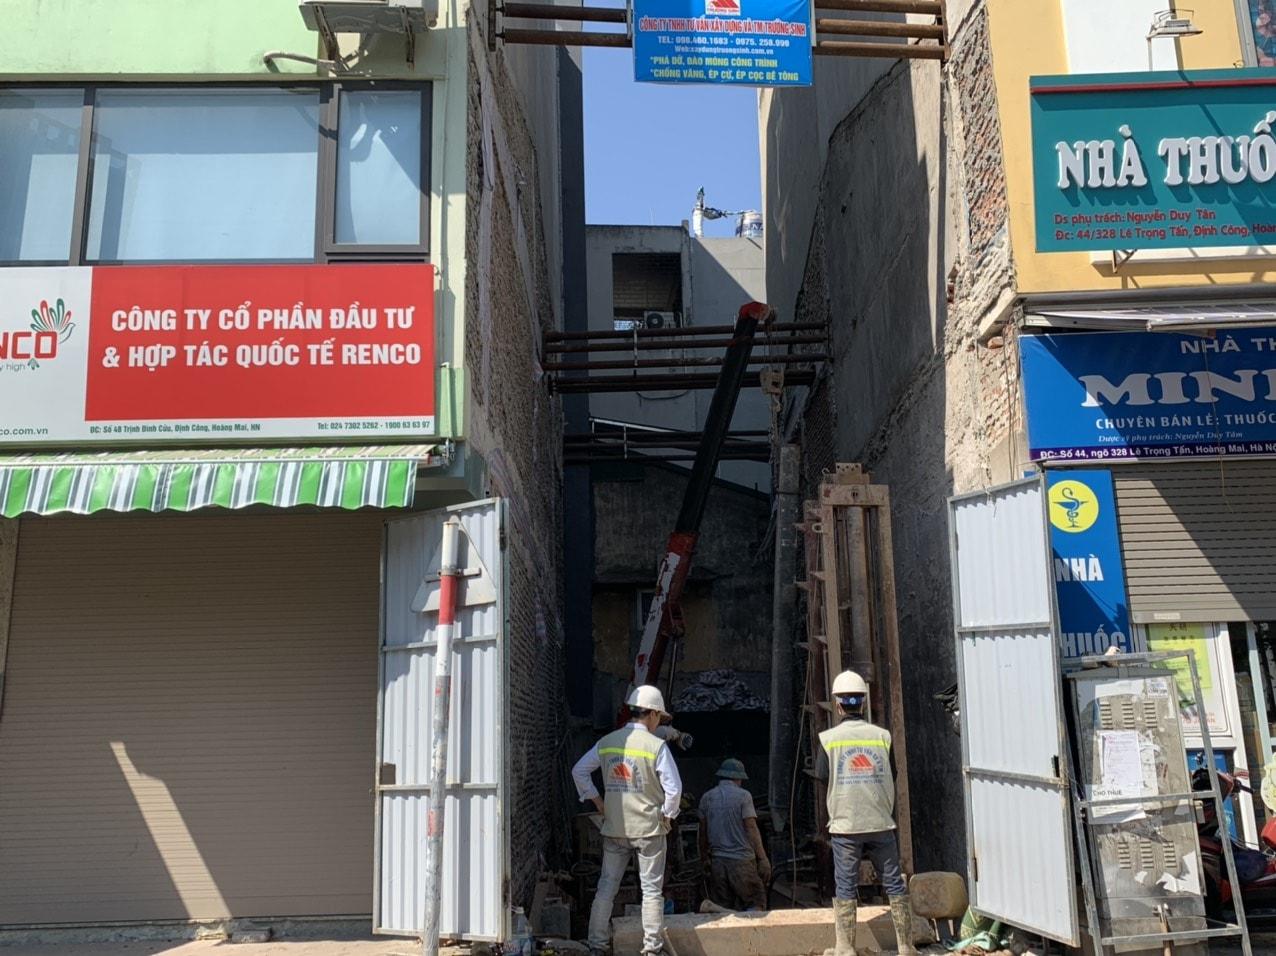 Dự án xây nhà trọn gói cho bác phương tại Định công, Hoàng Mai, Hà Nội-5